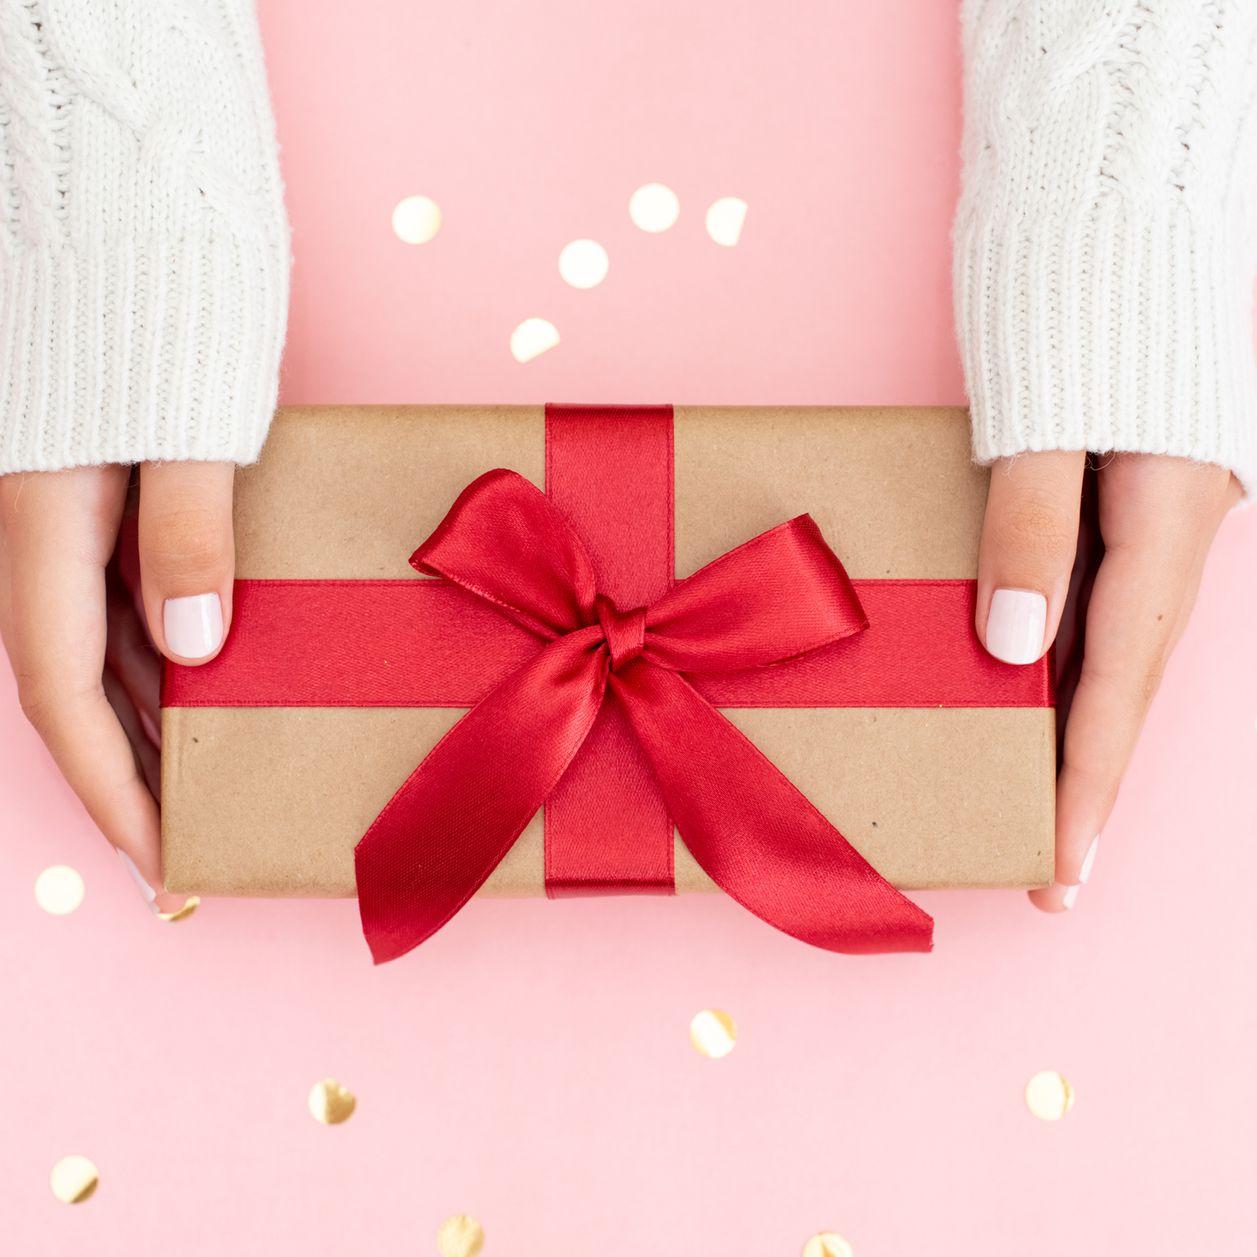 Cadeau femme 25 ans : toutes nos idées pour lui faire plaisir